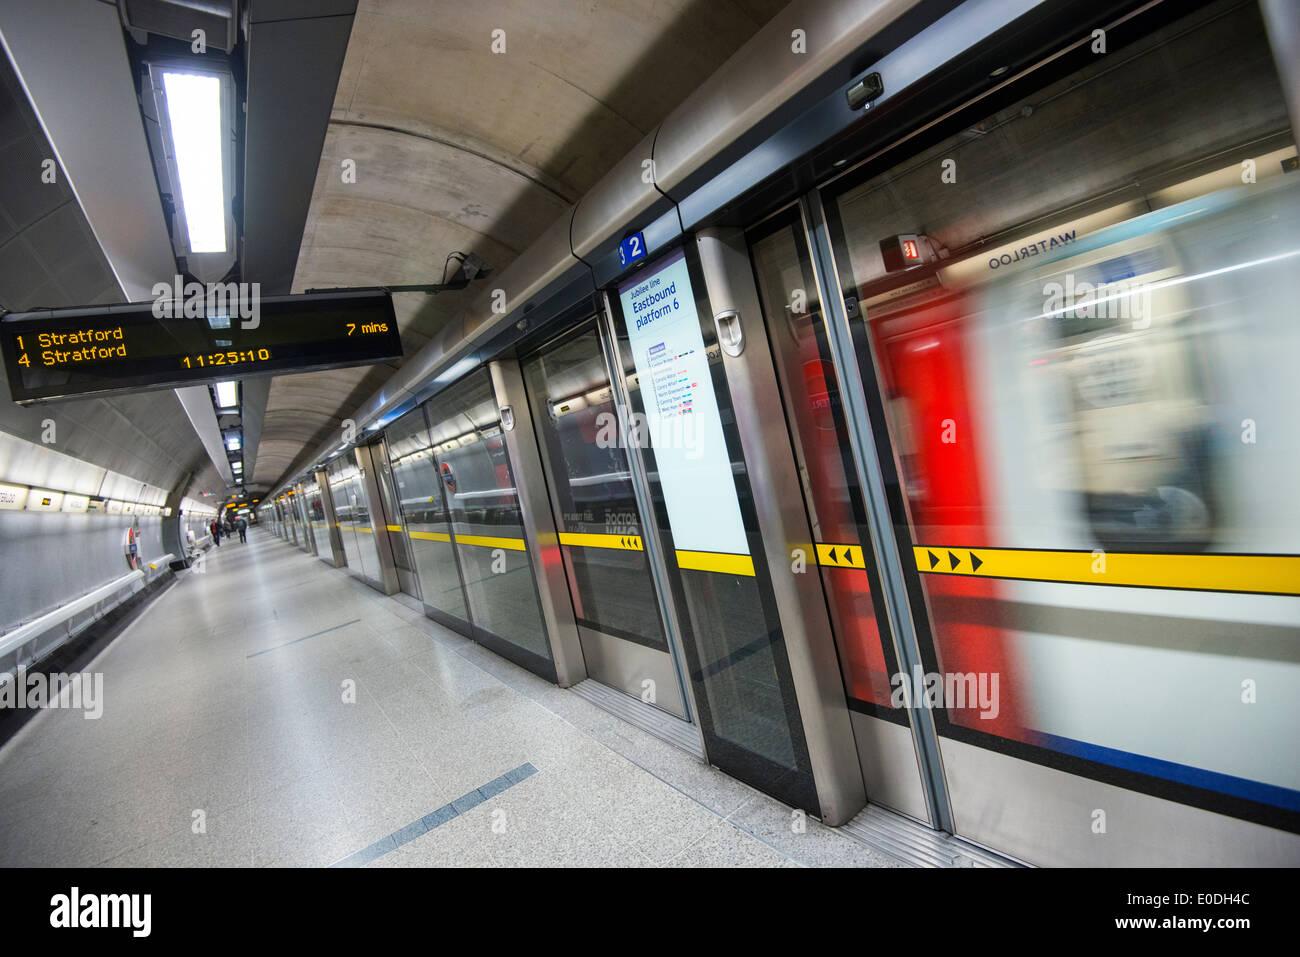 Waterloo Station on the London Underground, England UK - Stock Image